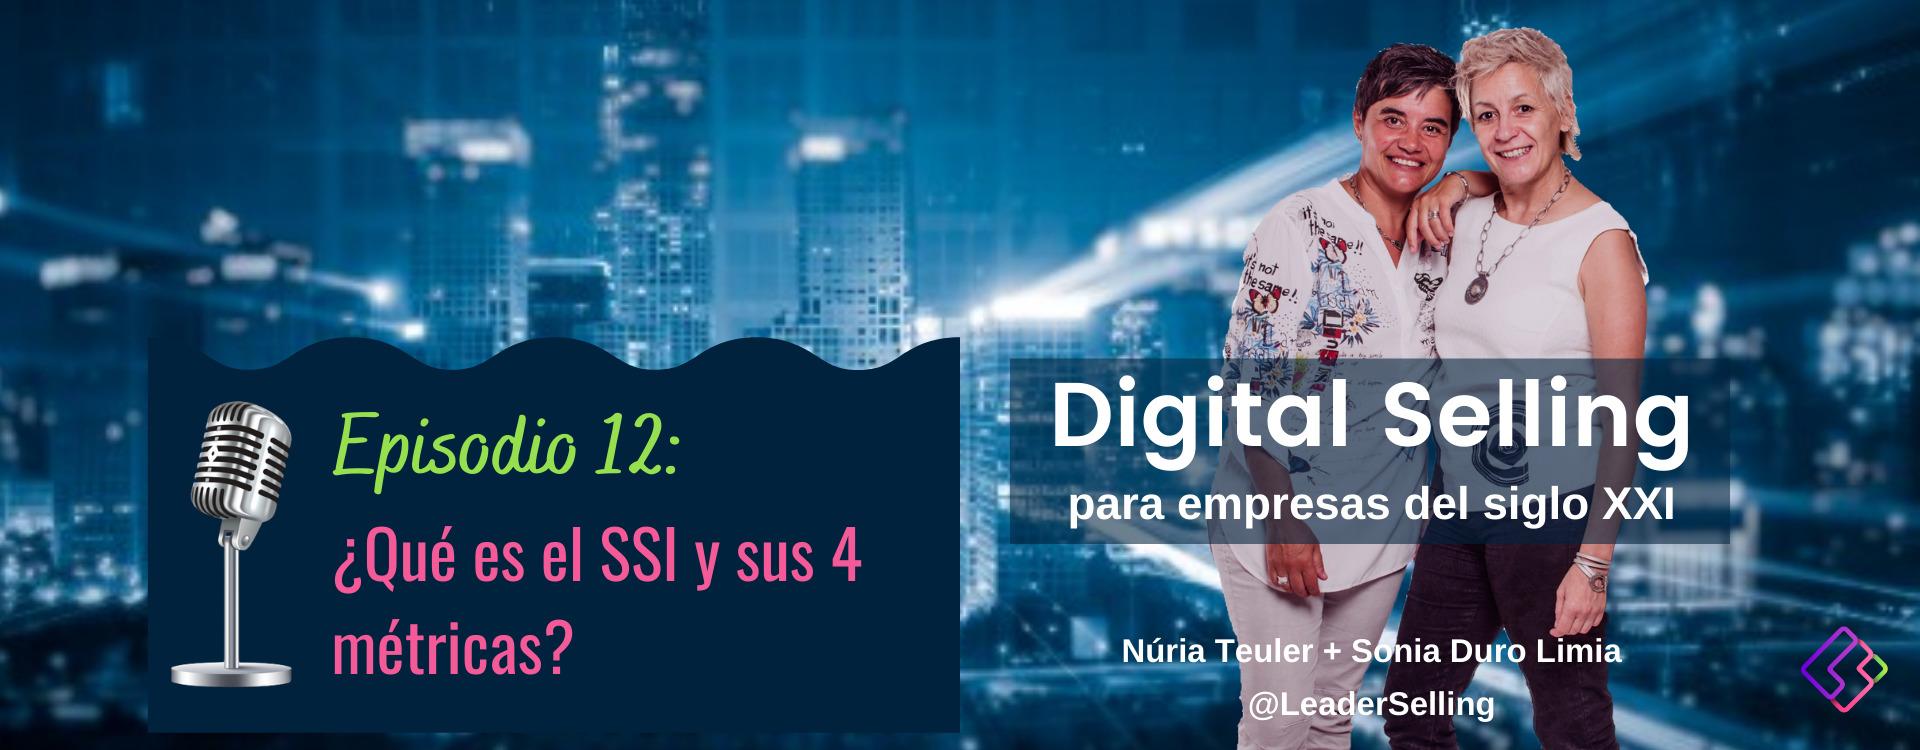 Episodio 12: ¿Qué es el Social Selling Index (SSI) y sus 4 métricas?